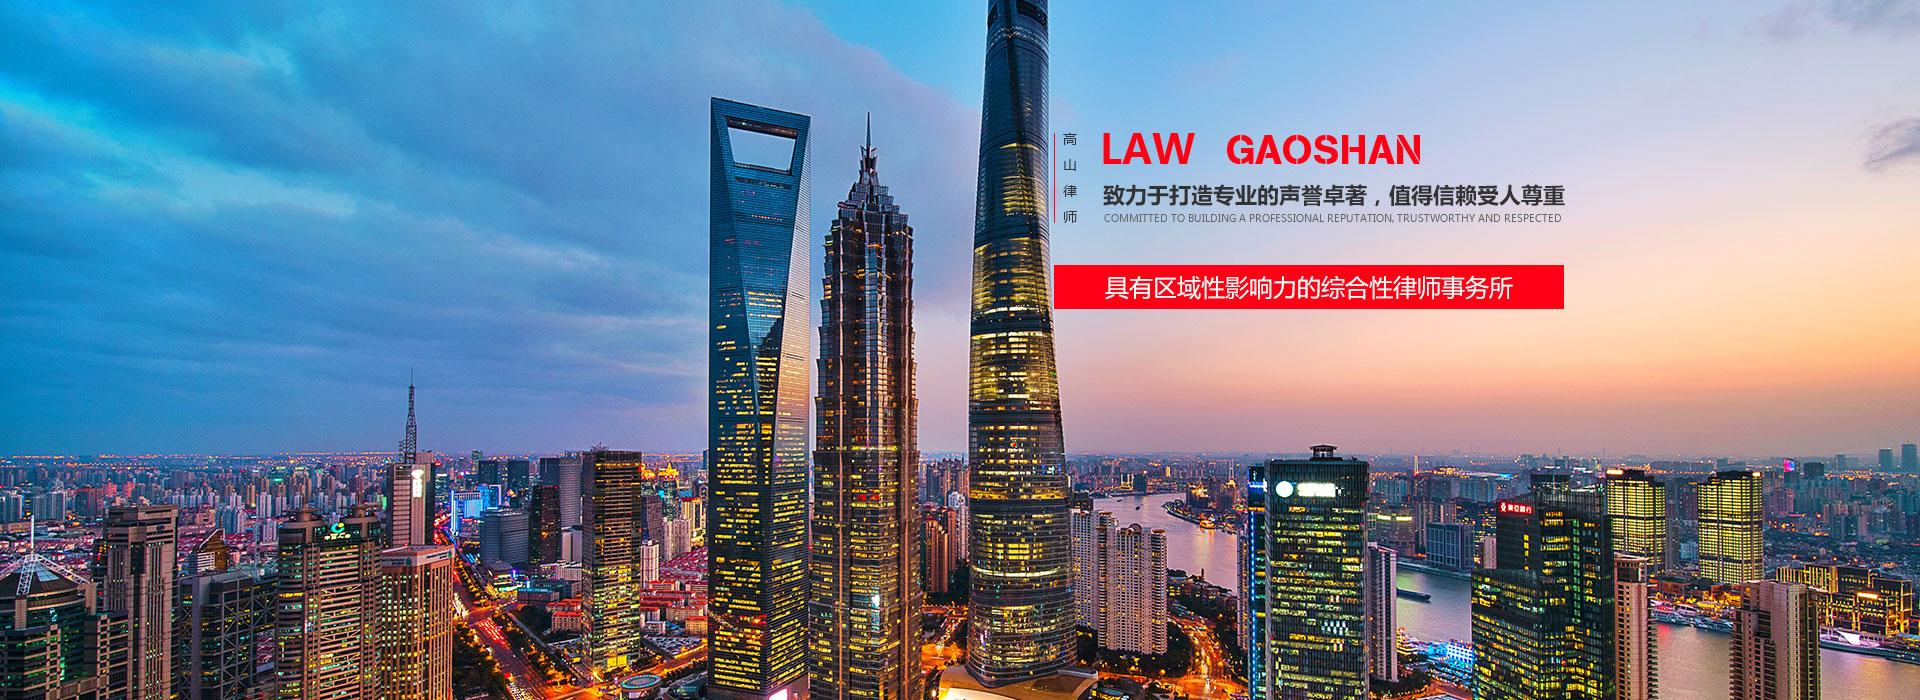 重庆高山律师事务所